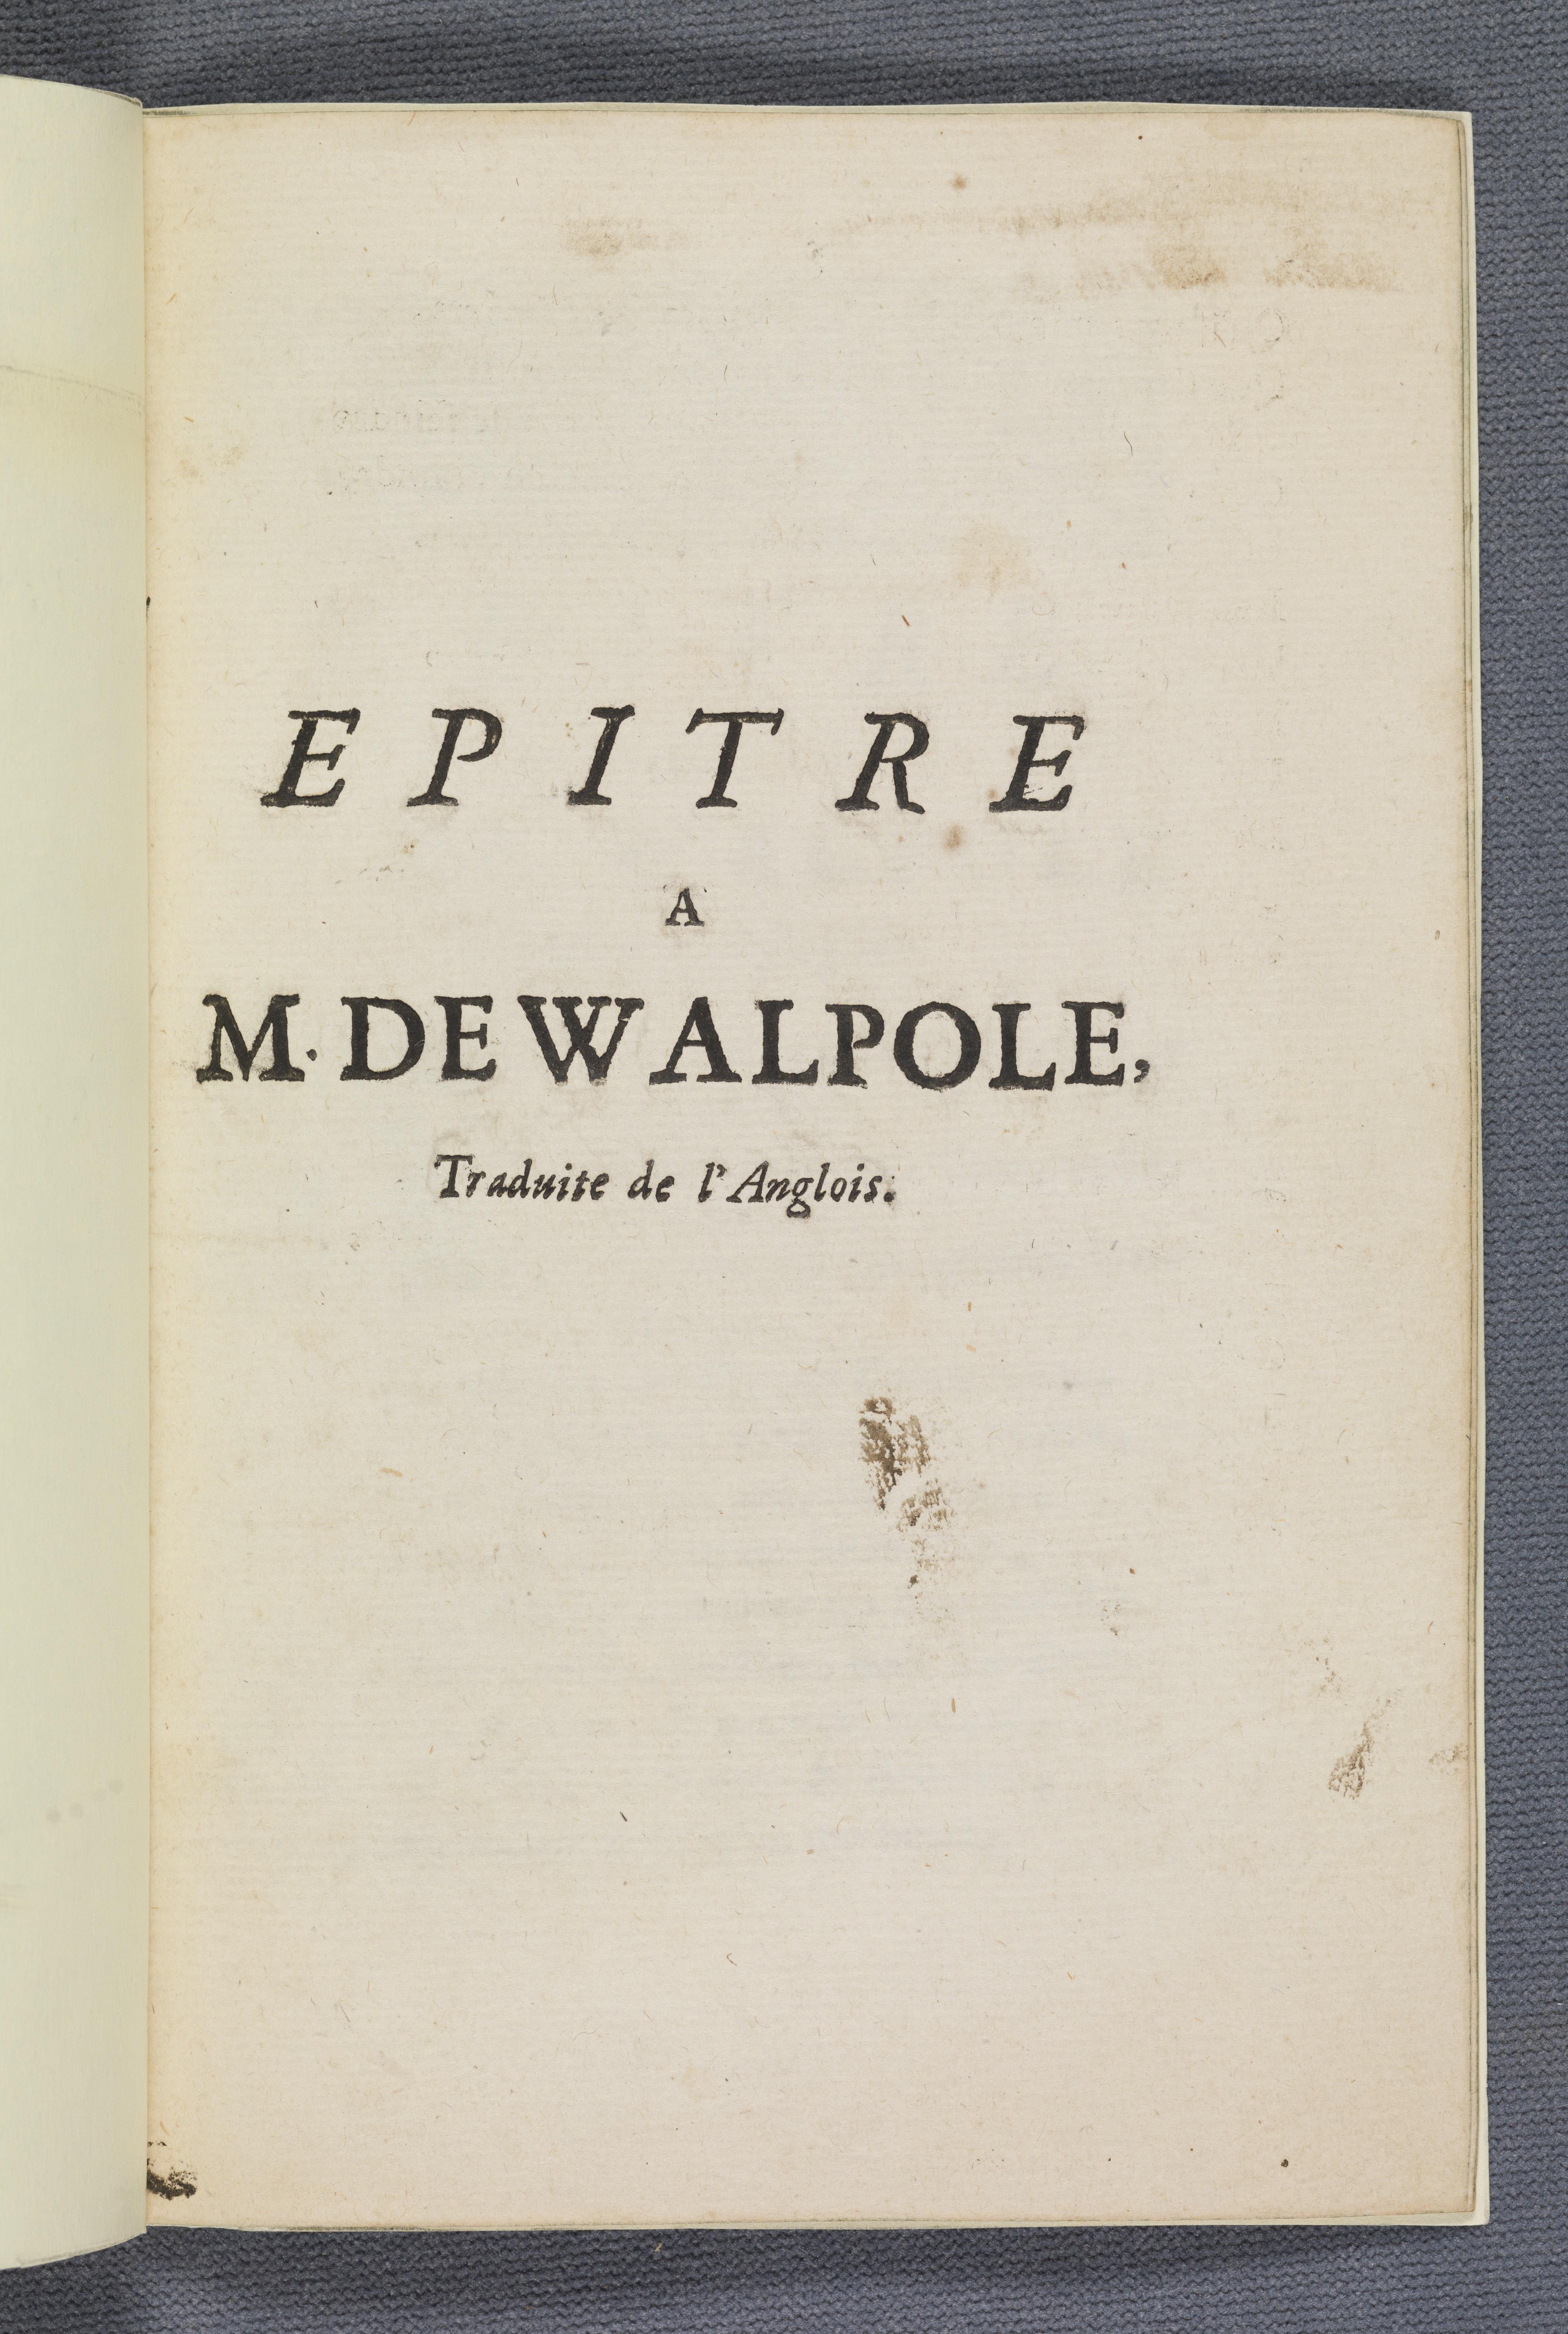 Epitre a M. de Walpole title page